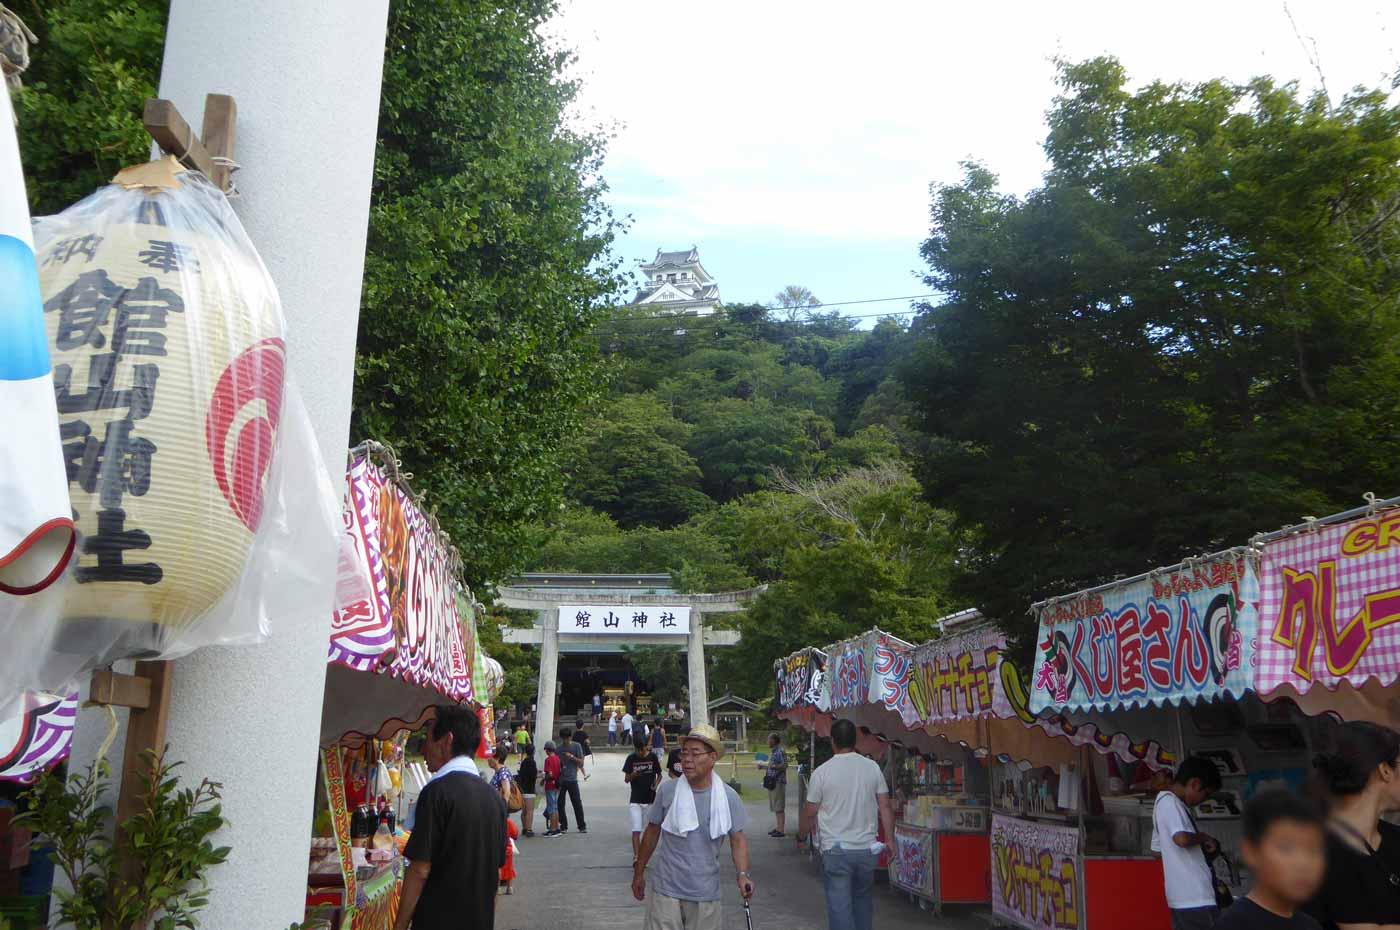 館山の祭り 館山神社の様子